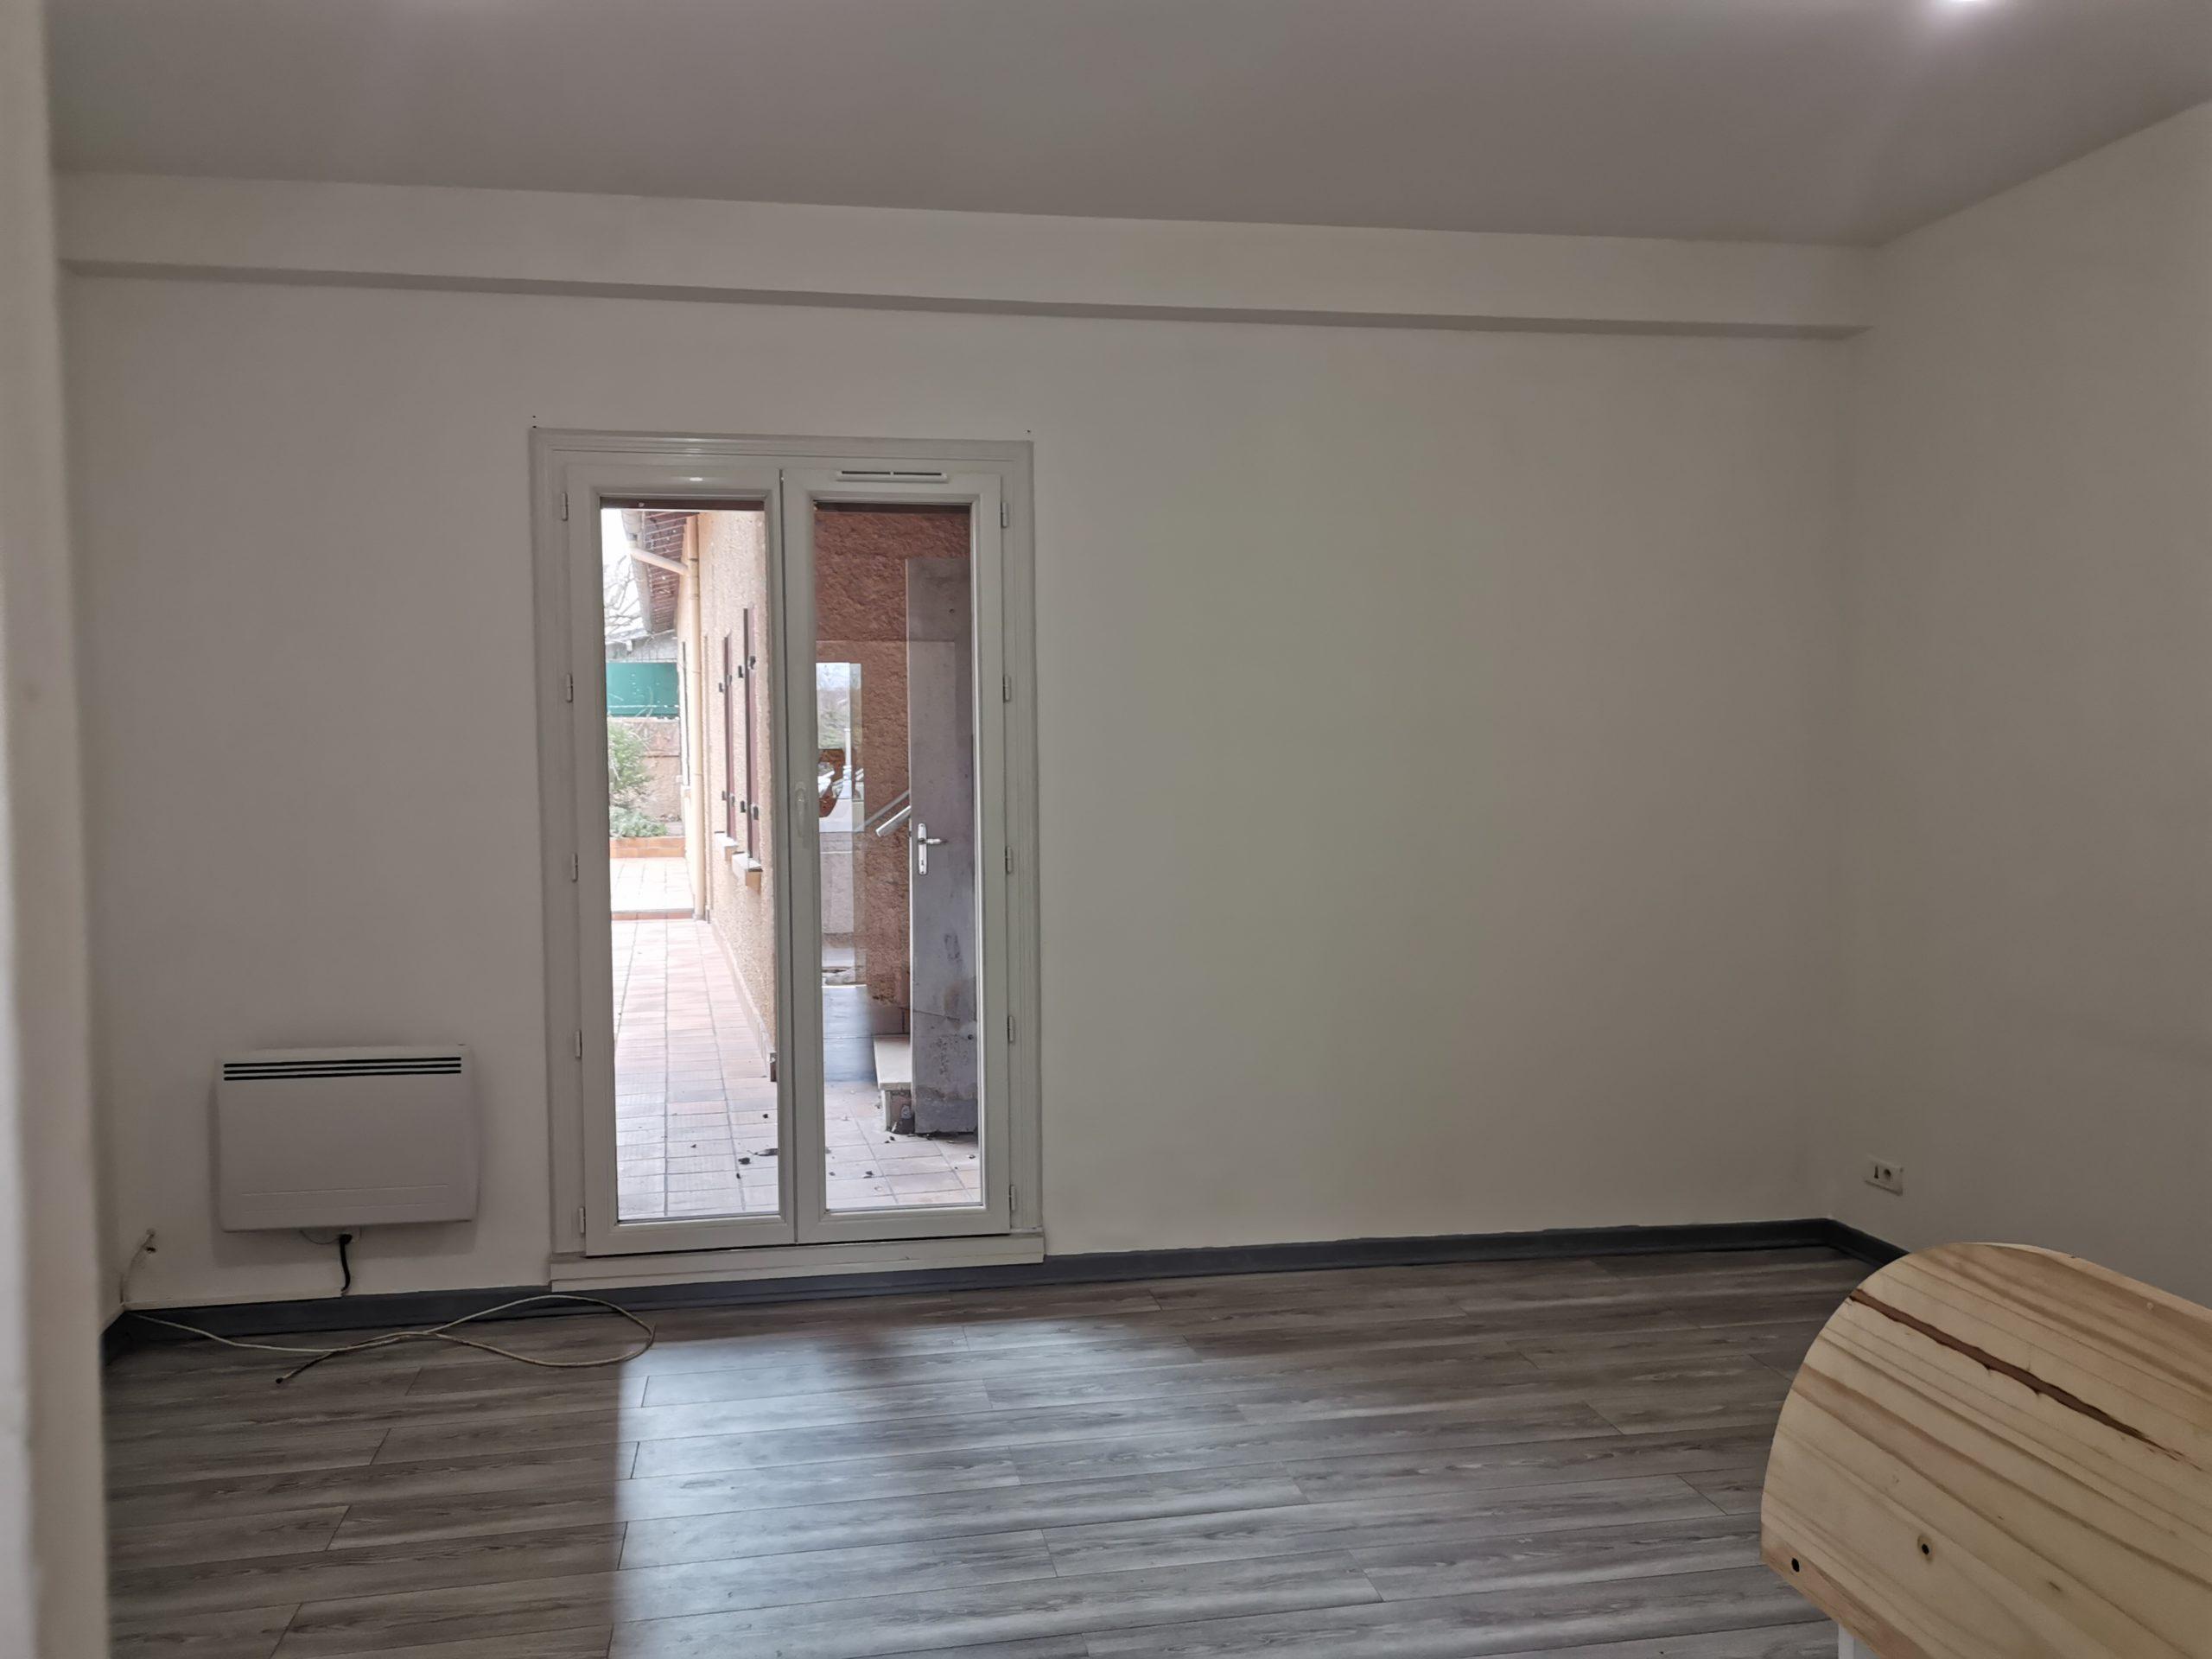 Appartement T2 38m2 au centre de Montauban REF: 1617